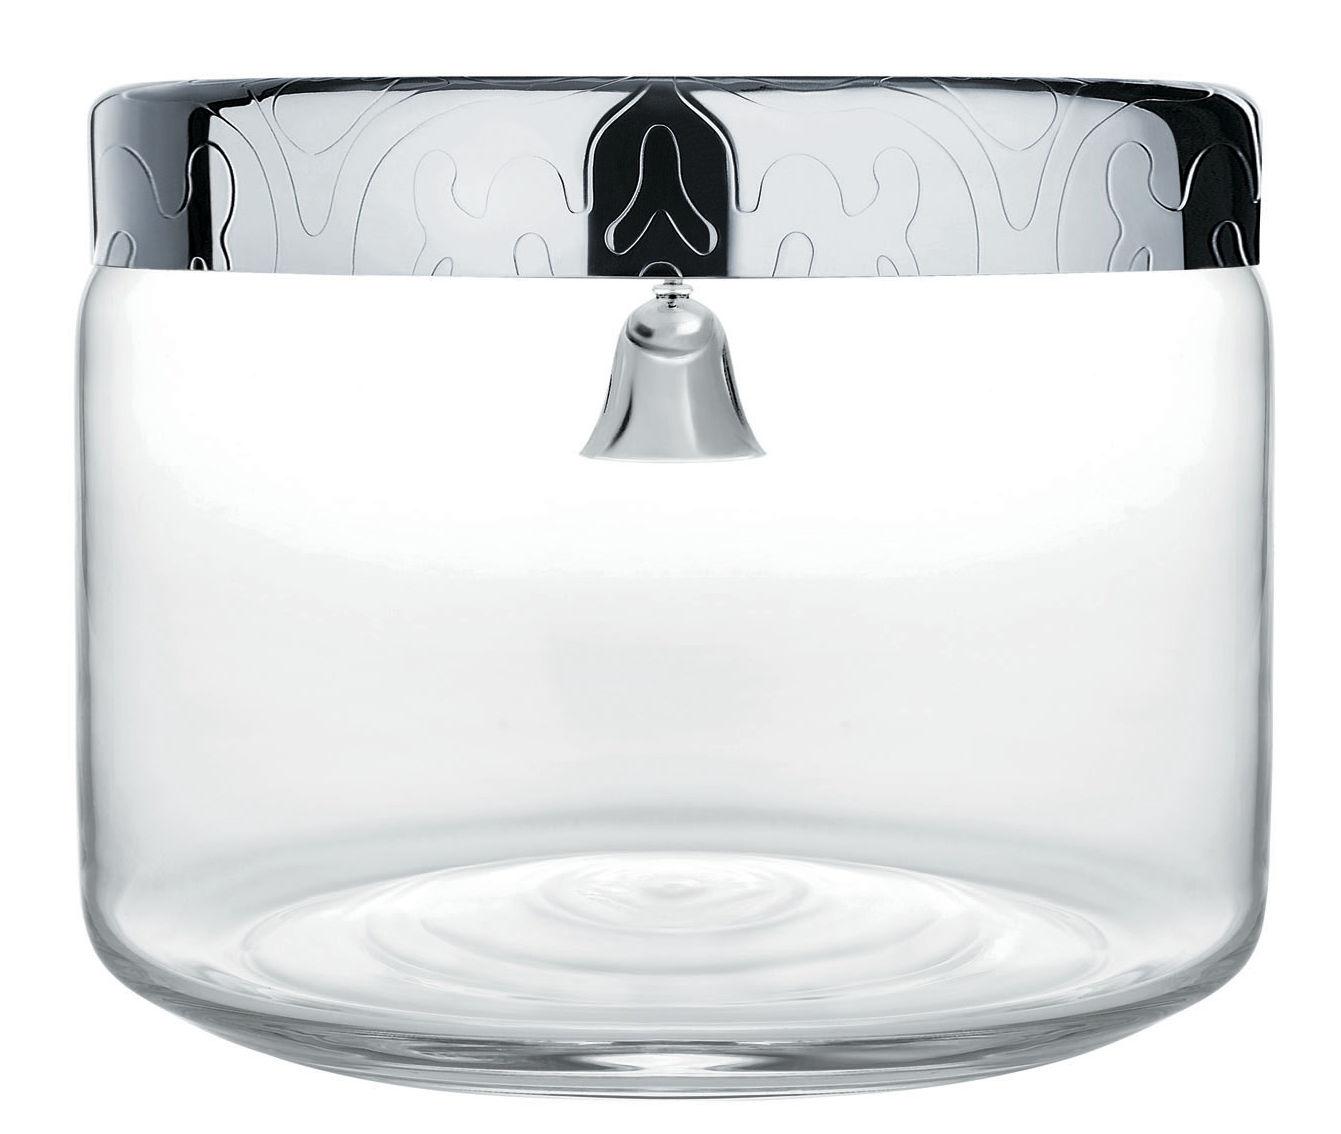 Küche - Dosen, Boxen und Gläser - Dressed Keksdose / Ø 19 x H 15 cm - Alessi - Transparent / Stahl - Glas, rostfreier Stahl